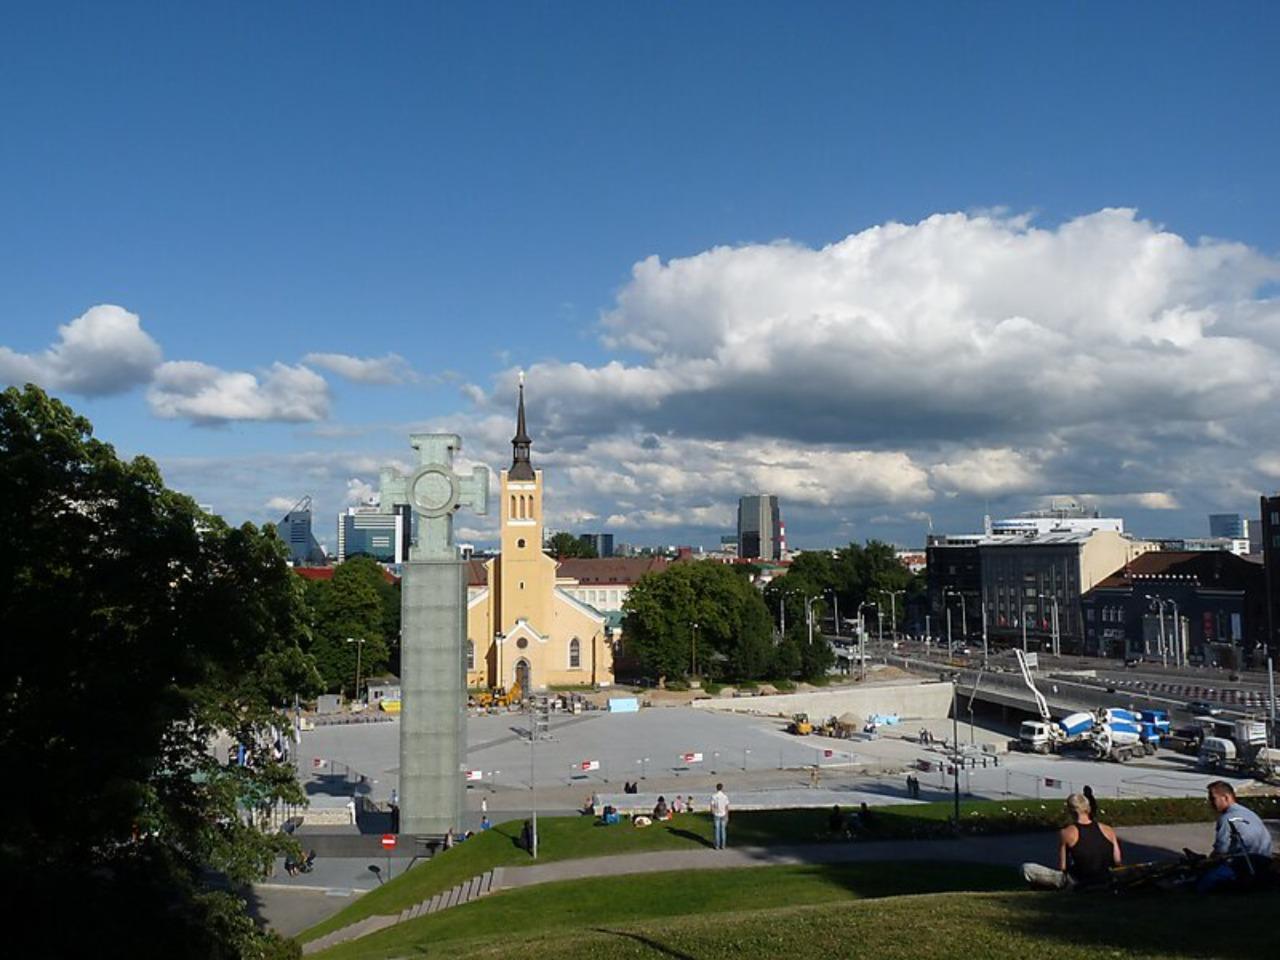 За пределами крепостных стен - групповая экскурсия в Таллине от опытного гида